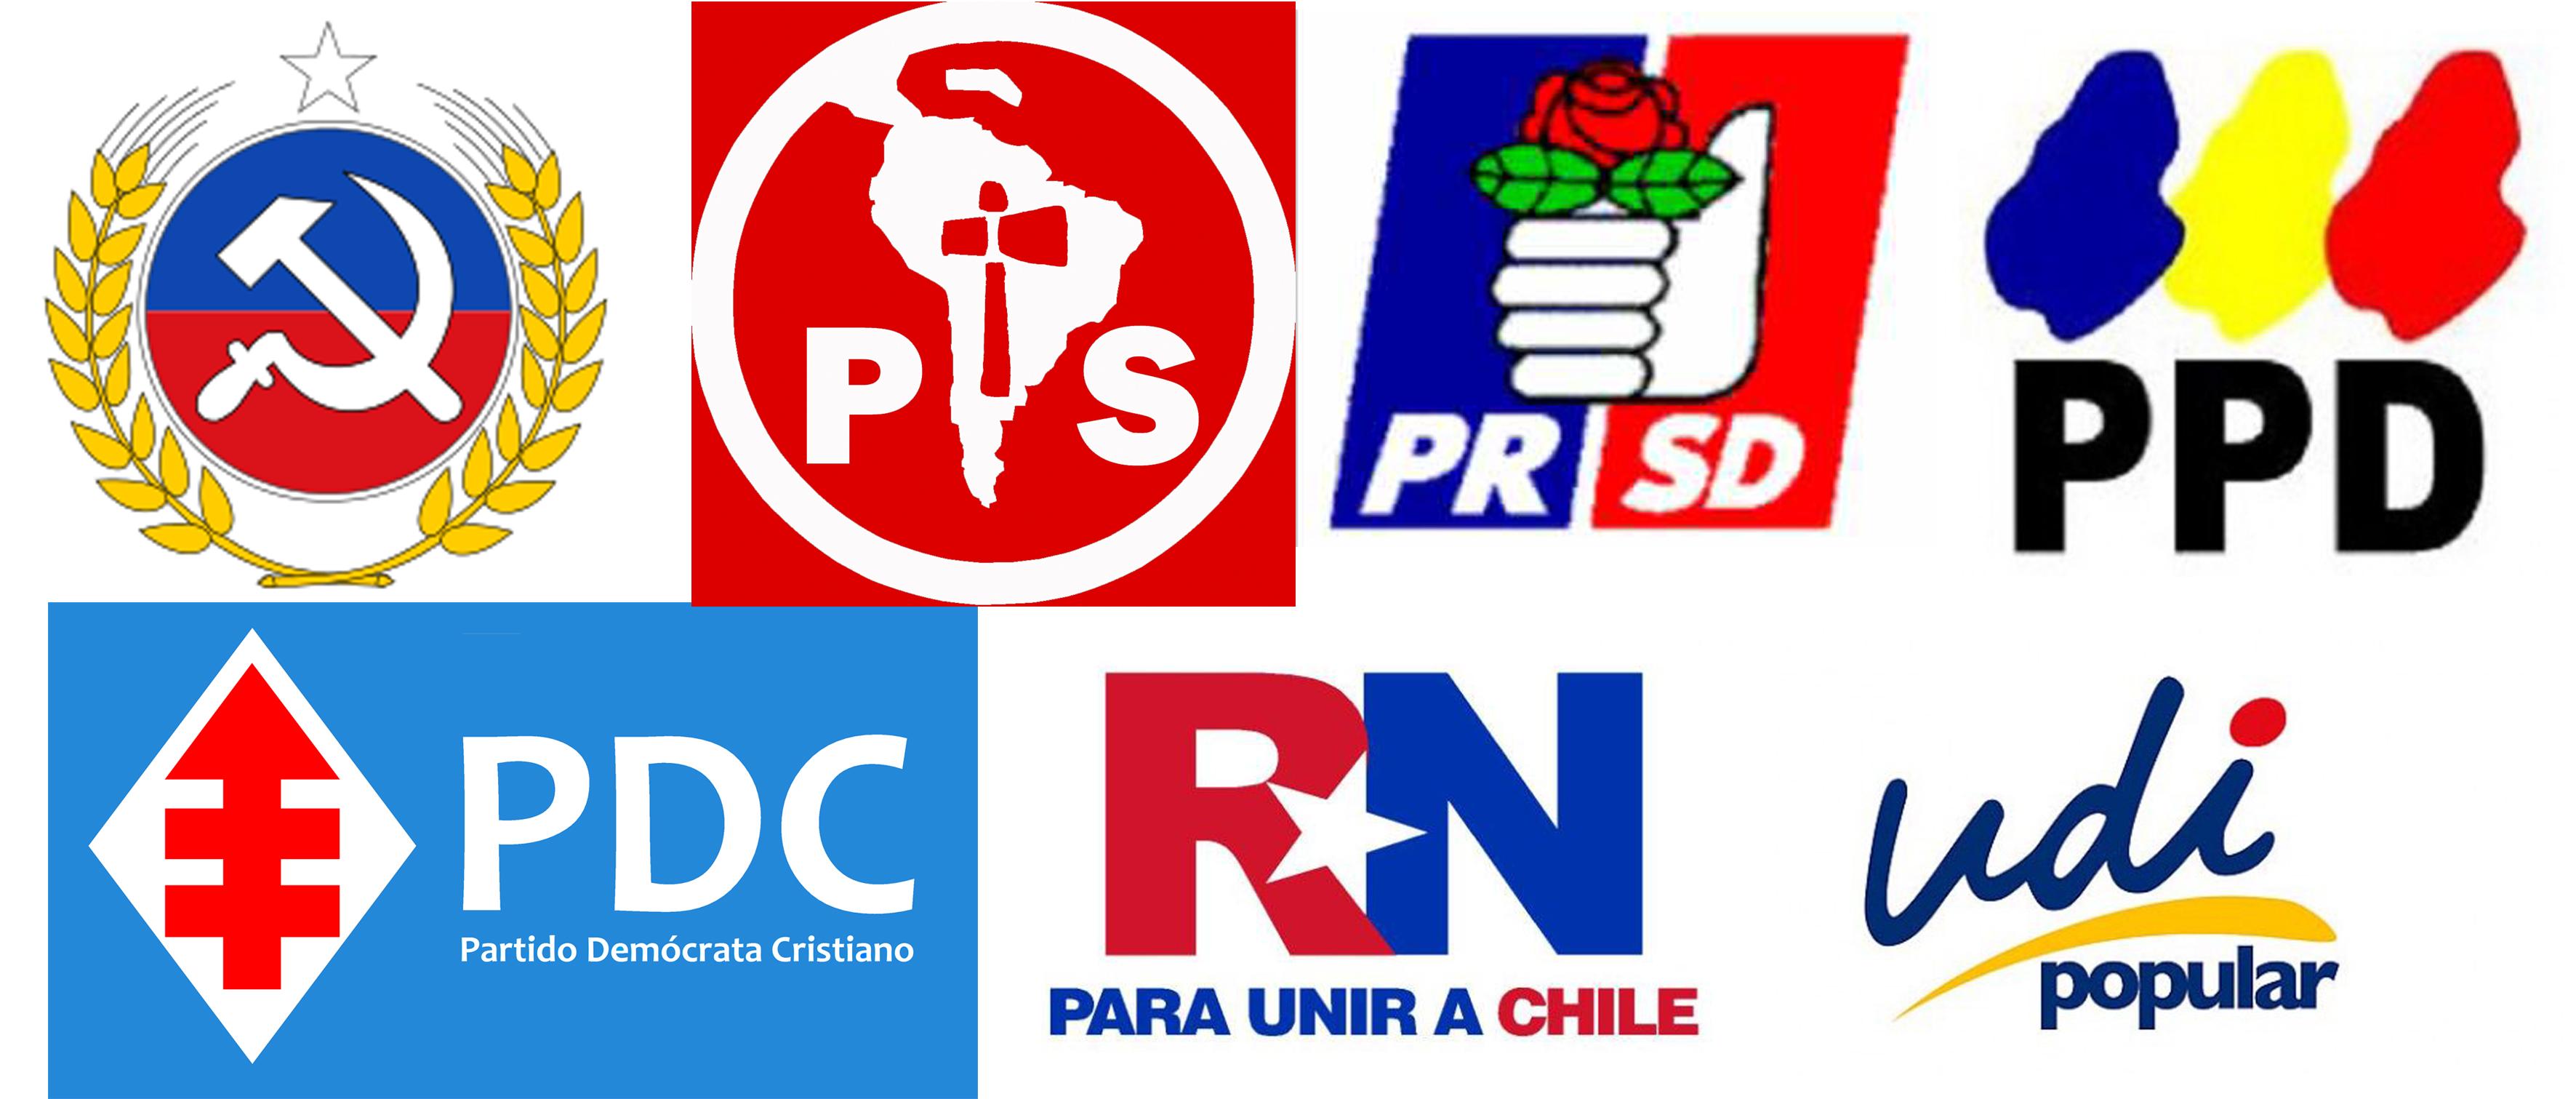 Partidos de la Nueva Mayoría y la Alianza presentan documento que busca salida a grave crisis política